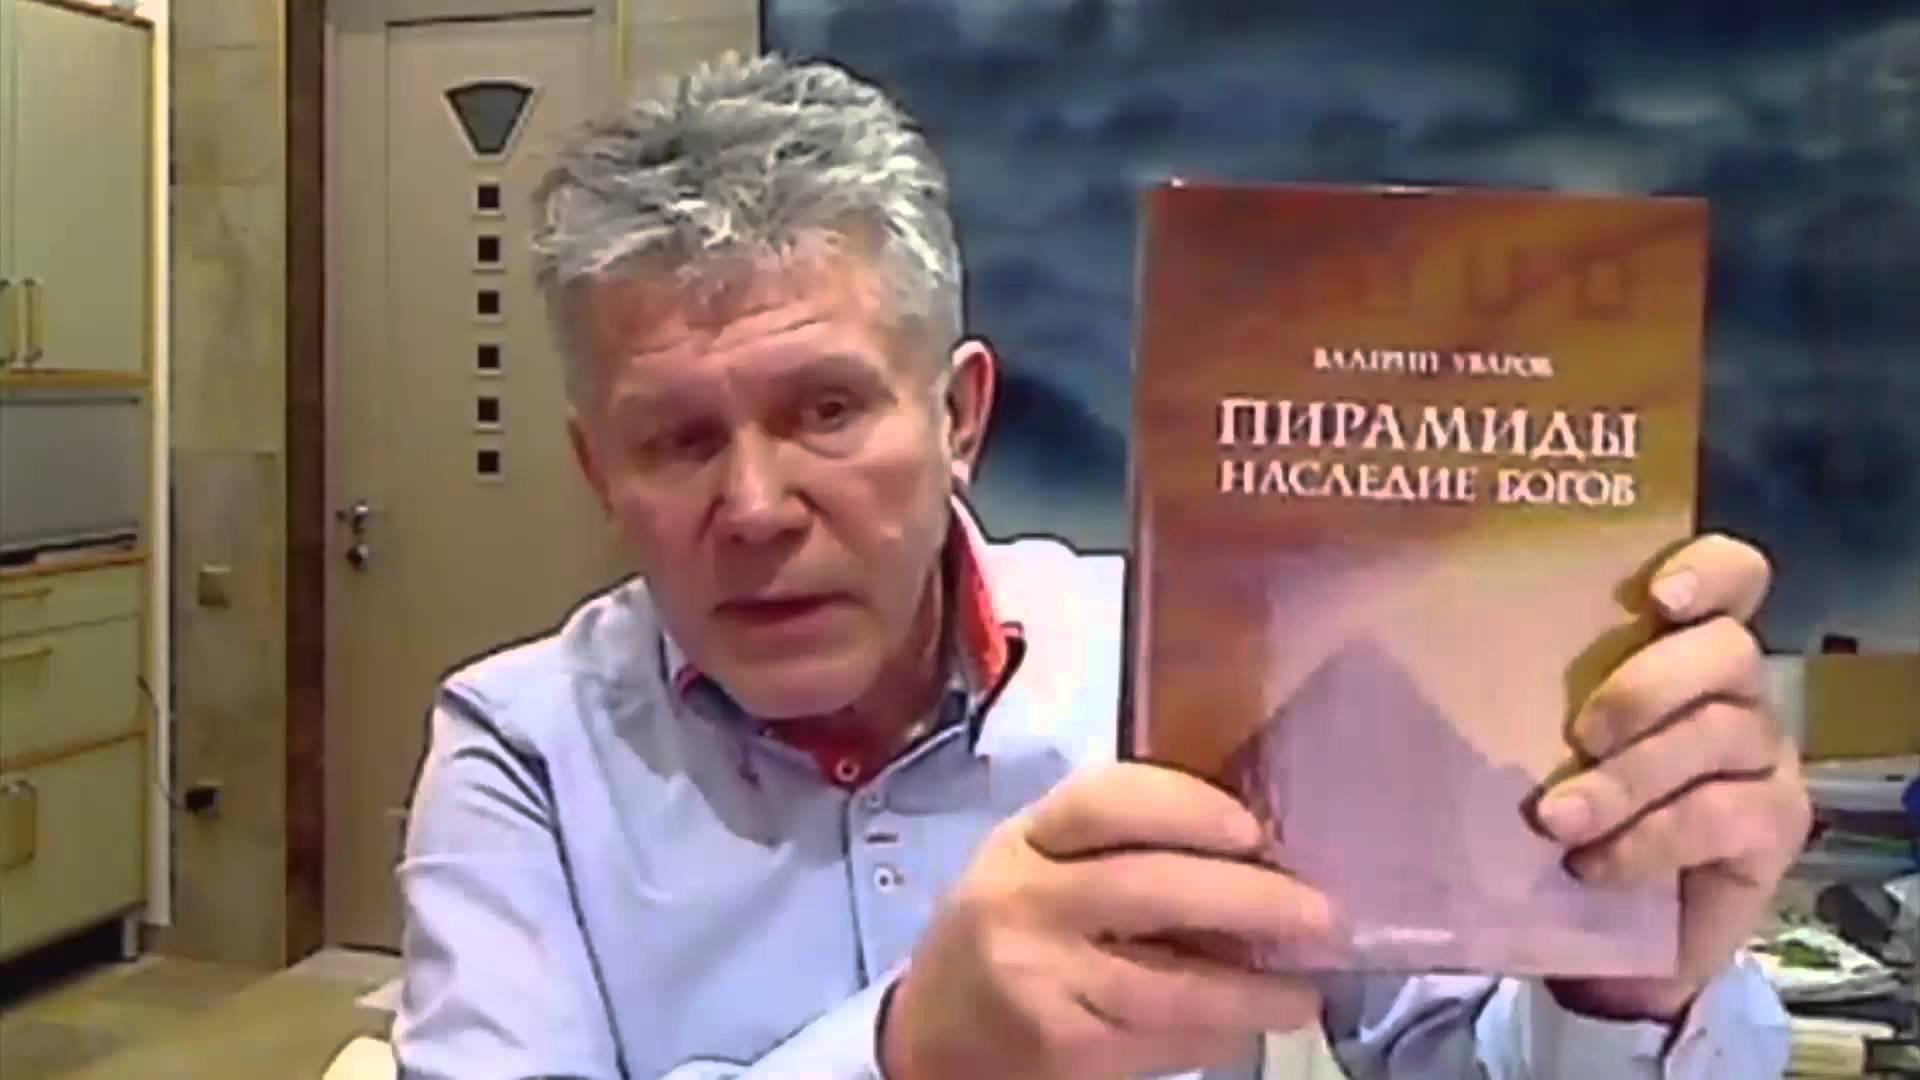 Bases 56 Valery Uvarov Part 3